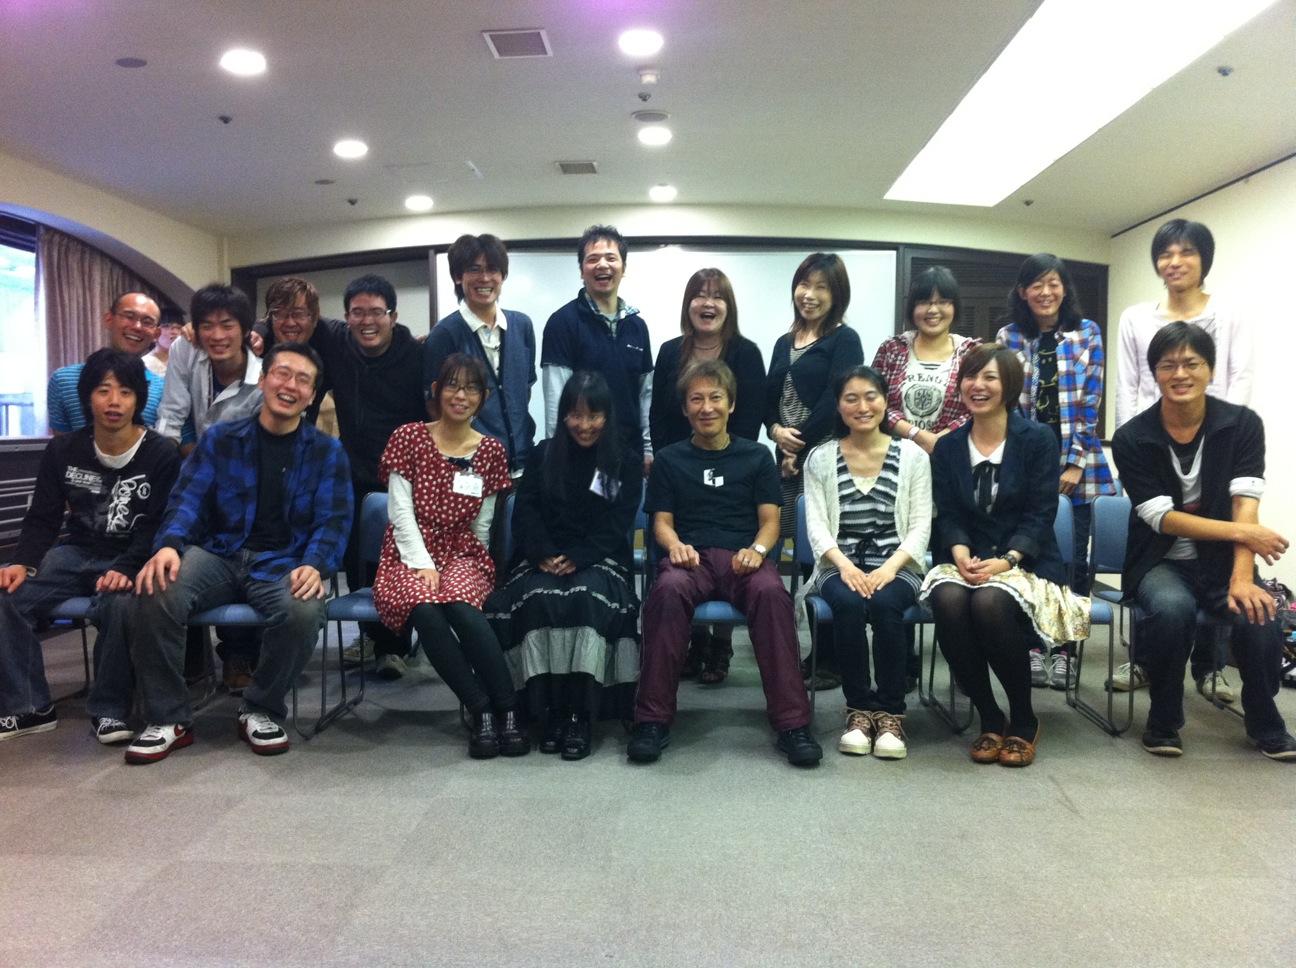 声優養成所で声優になるには!岡山校で声優への道改FM岡山特番収録 学院生がゲスト出演!収録風景